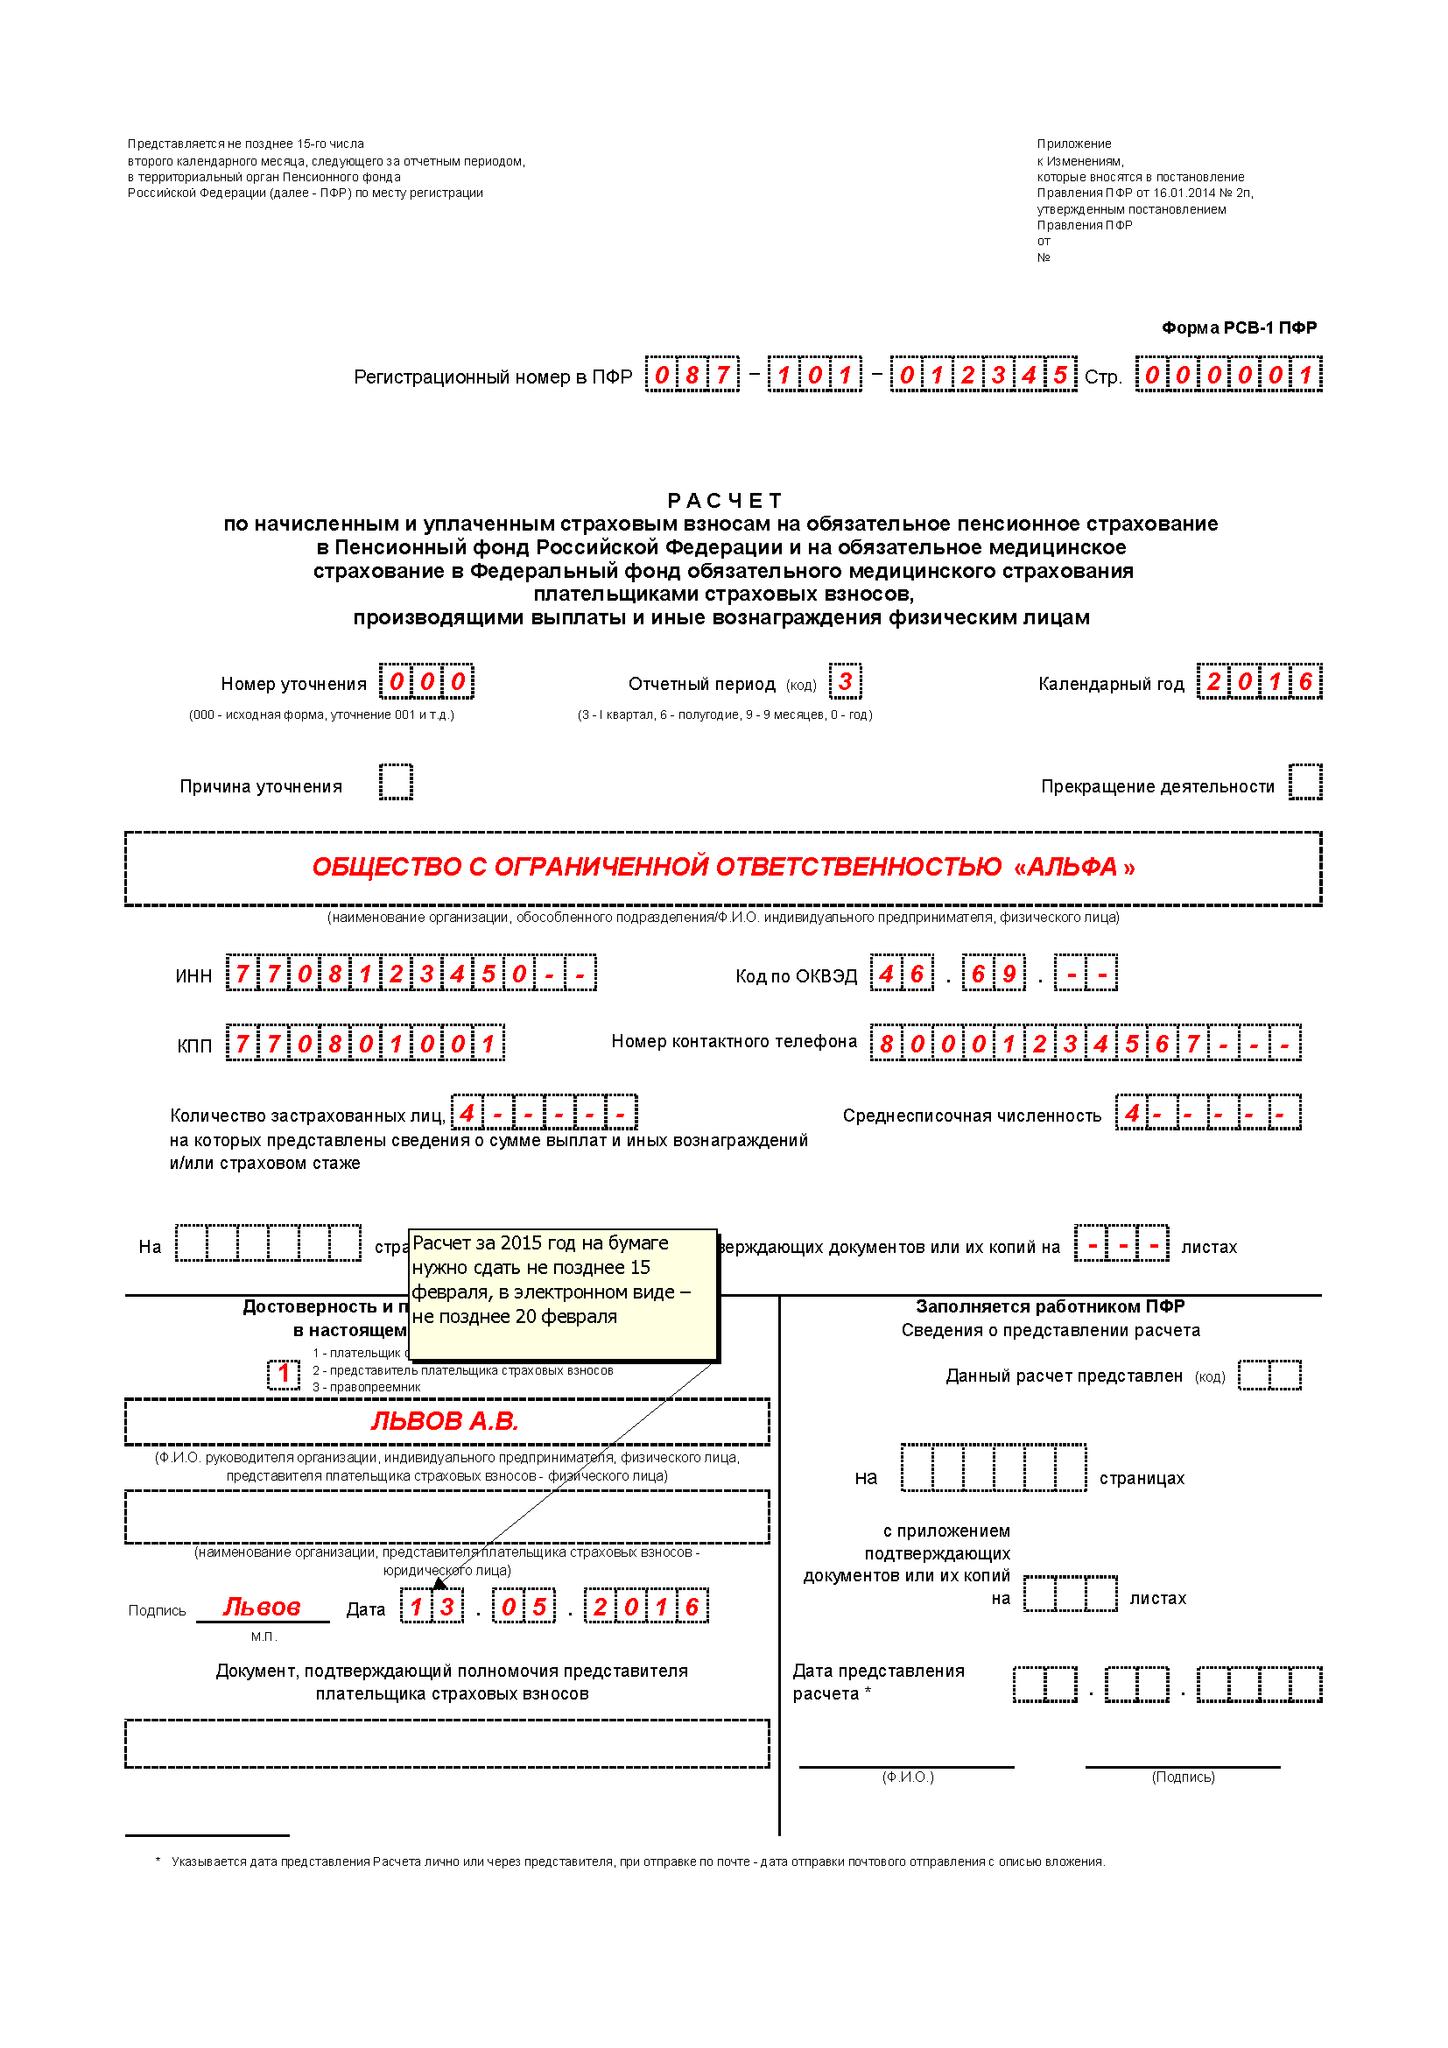 форма 23 пфр бланк образец заполнения